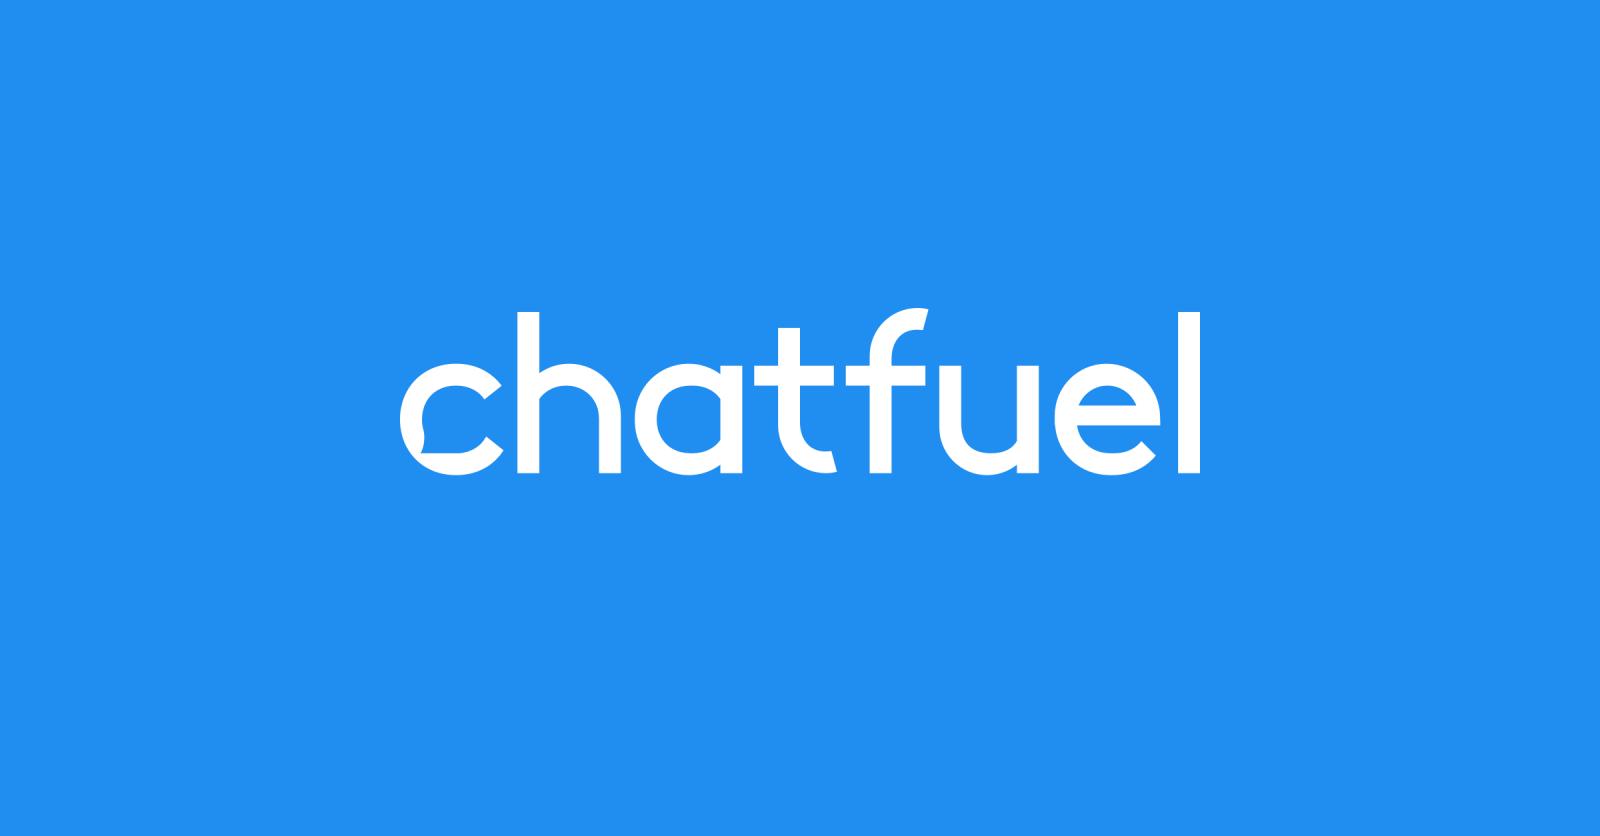 chatfuel - facebook messenger chatbot